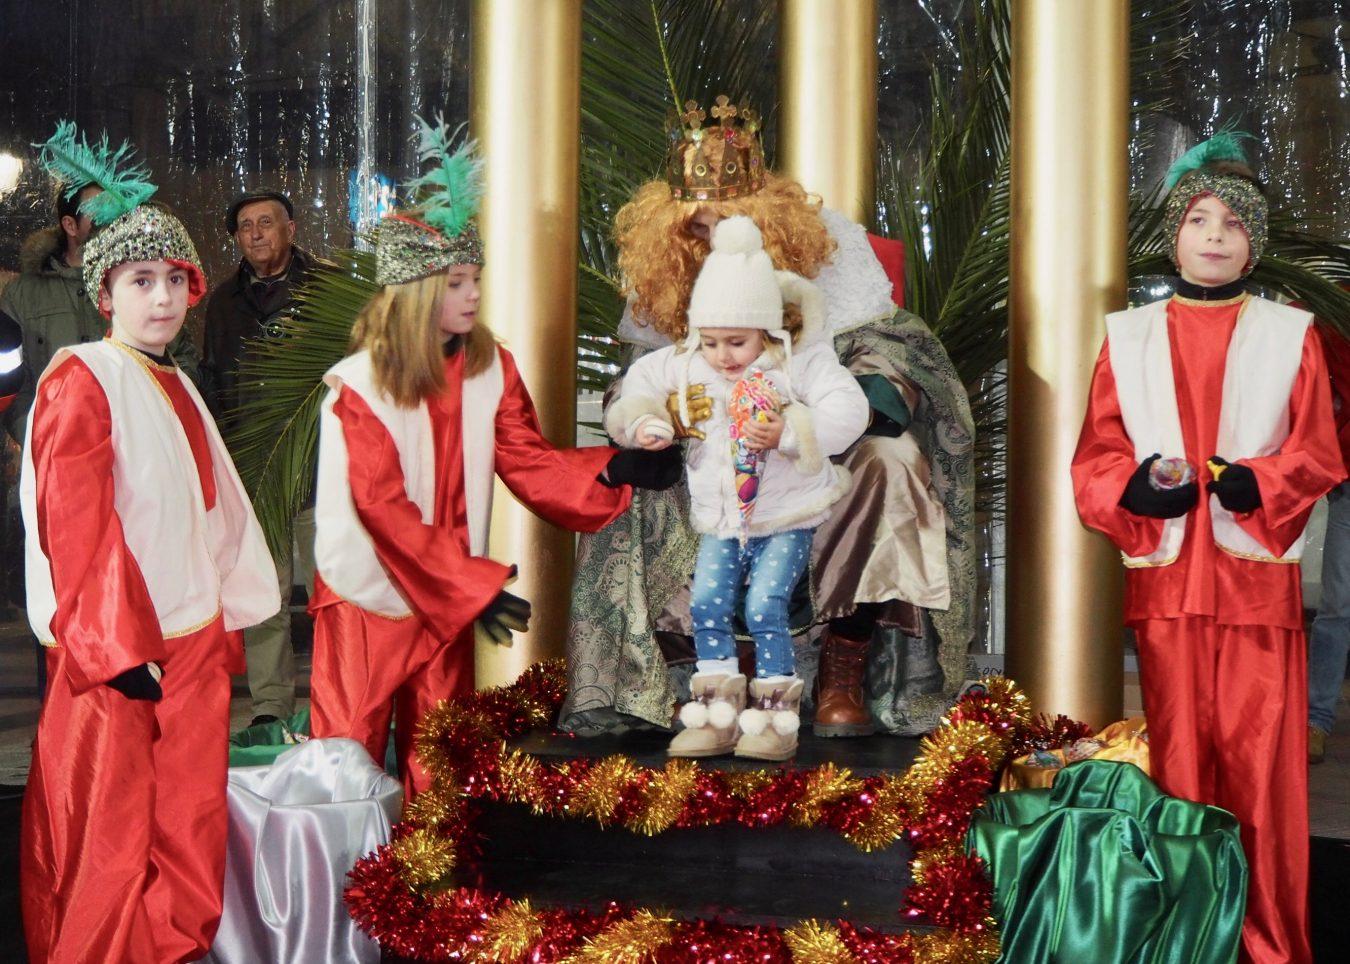 Los Reyes llegan a Ribadesella cargados de ilusión, 500 kilos de caramelos y 1.600 cucuruchos de revoltijo